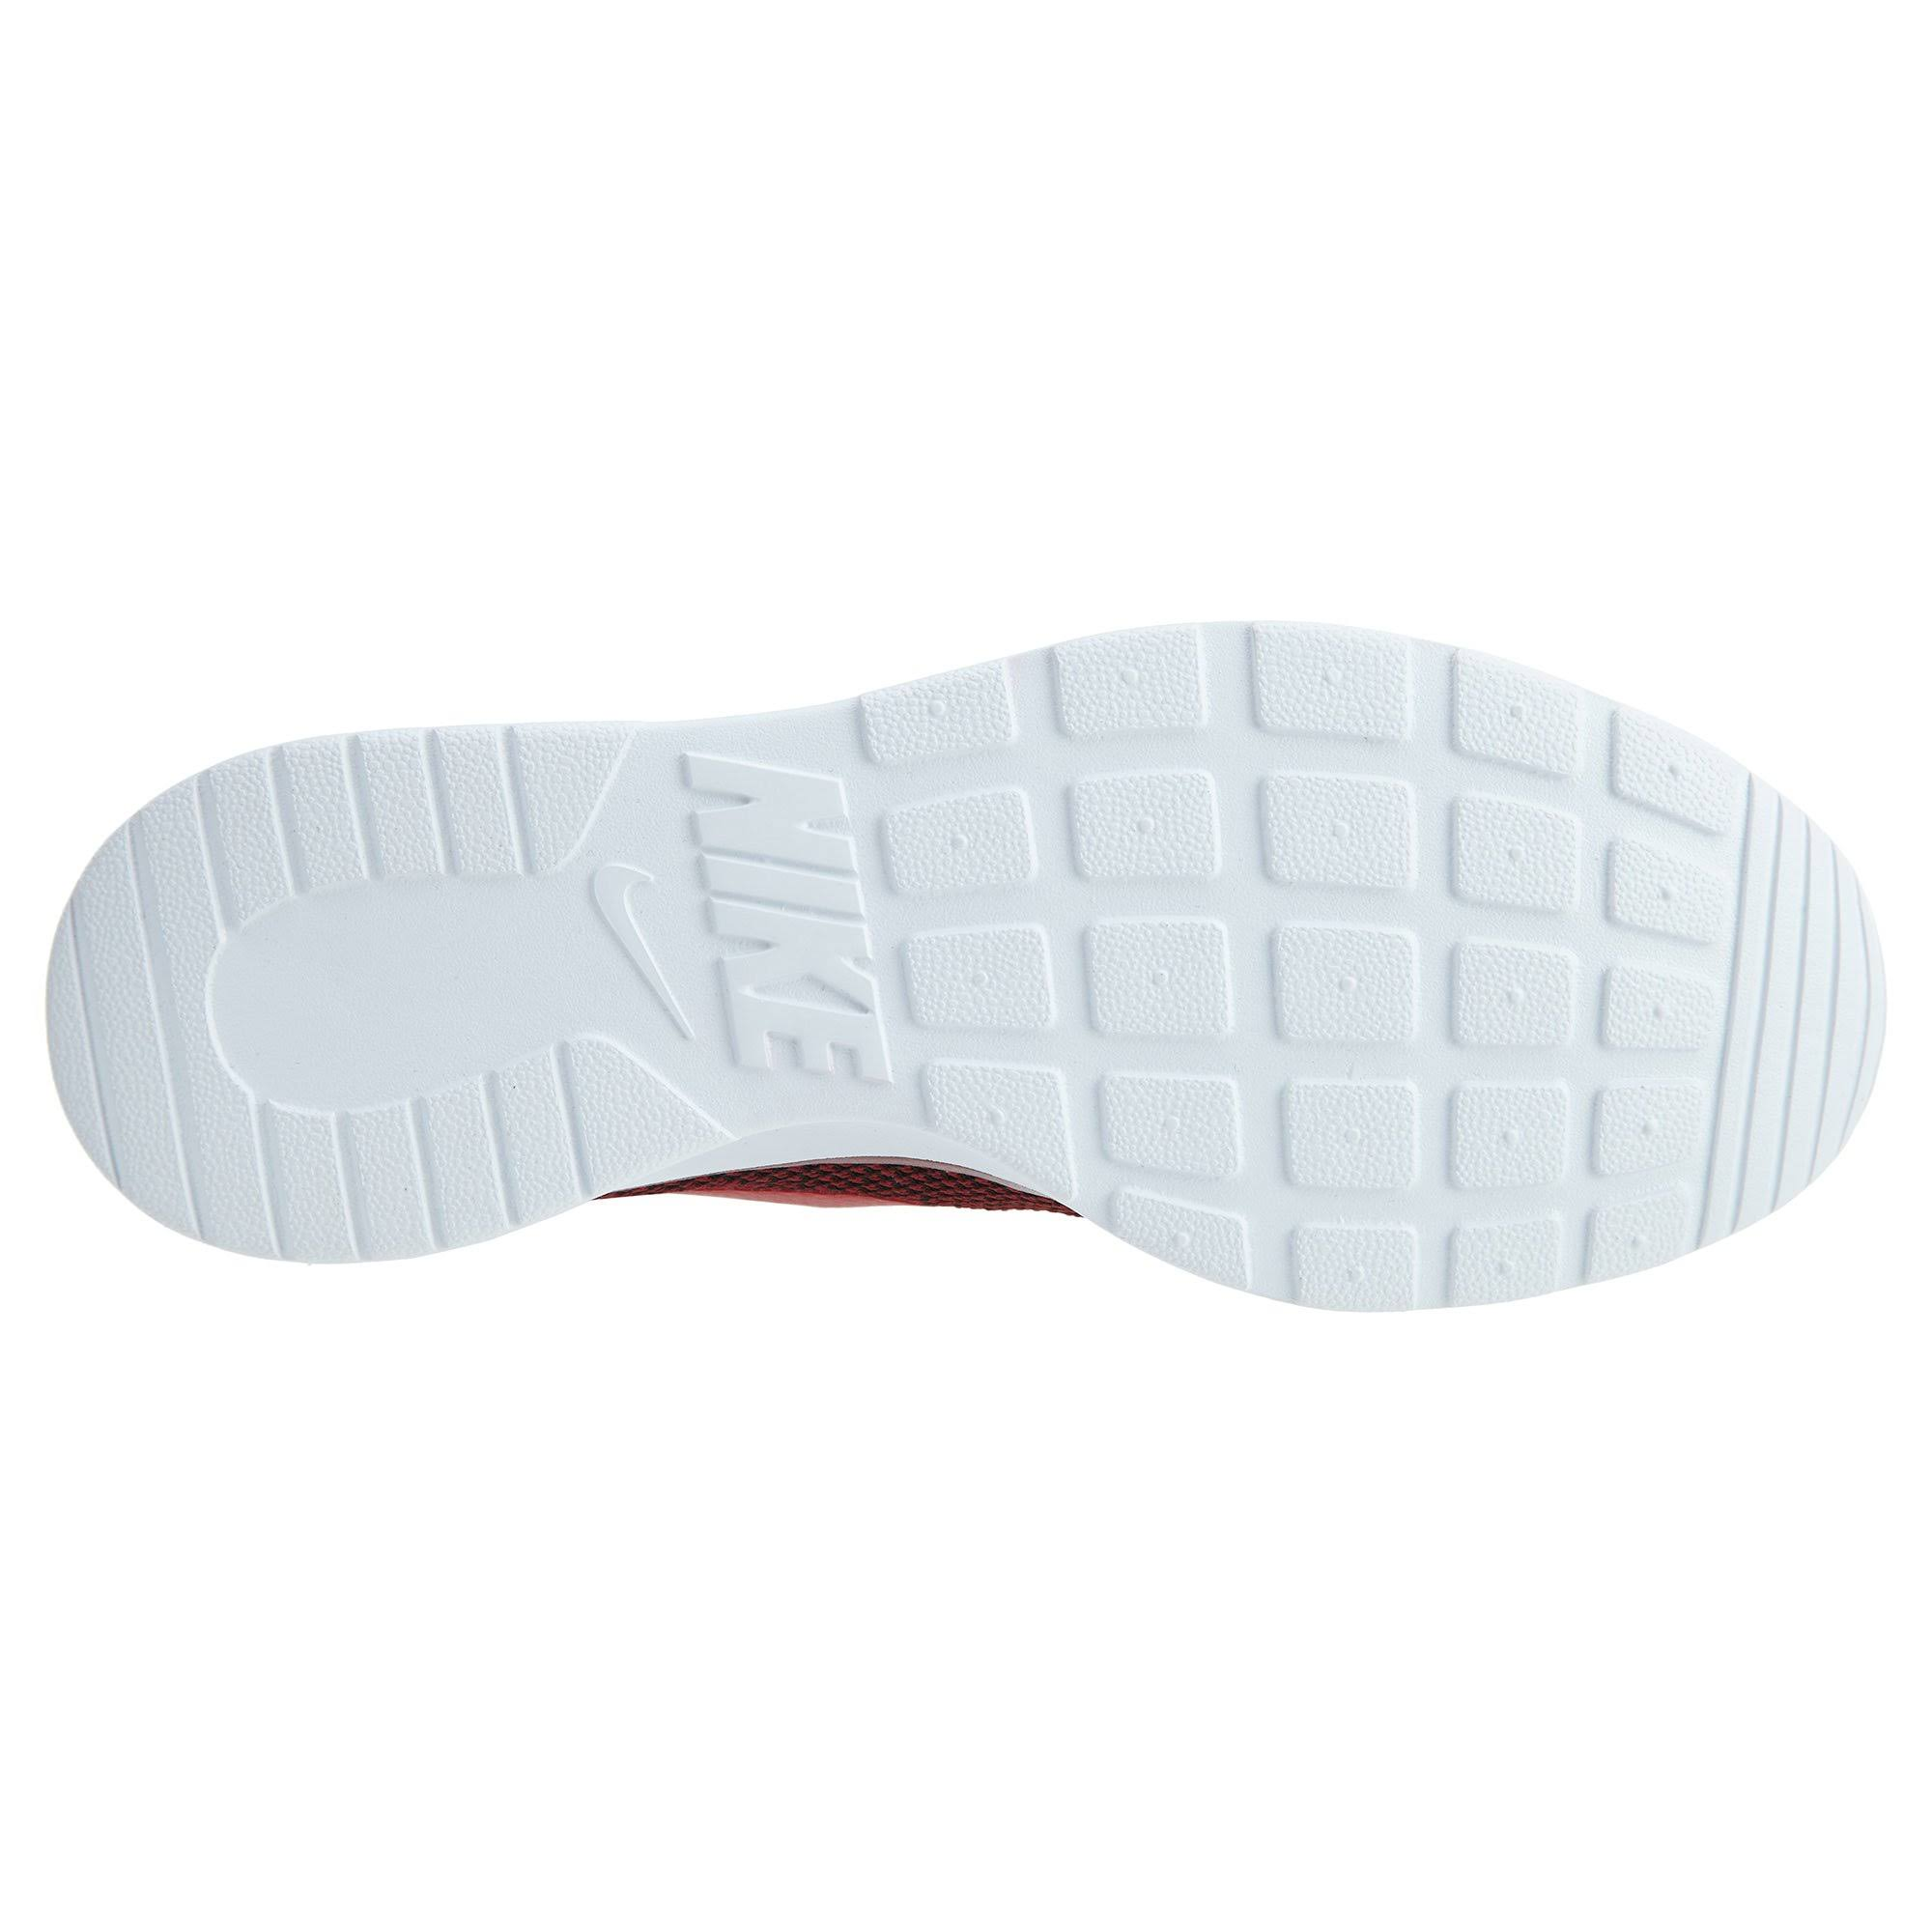 Rot 921669 gym 600 Schwarz weiß Rot Tanjun Team Nike Laufschuhe Racer RUqwTzzx